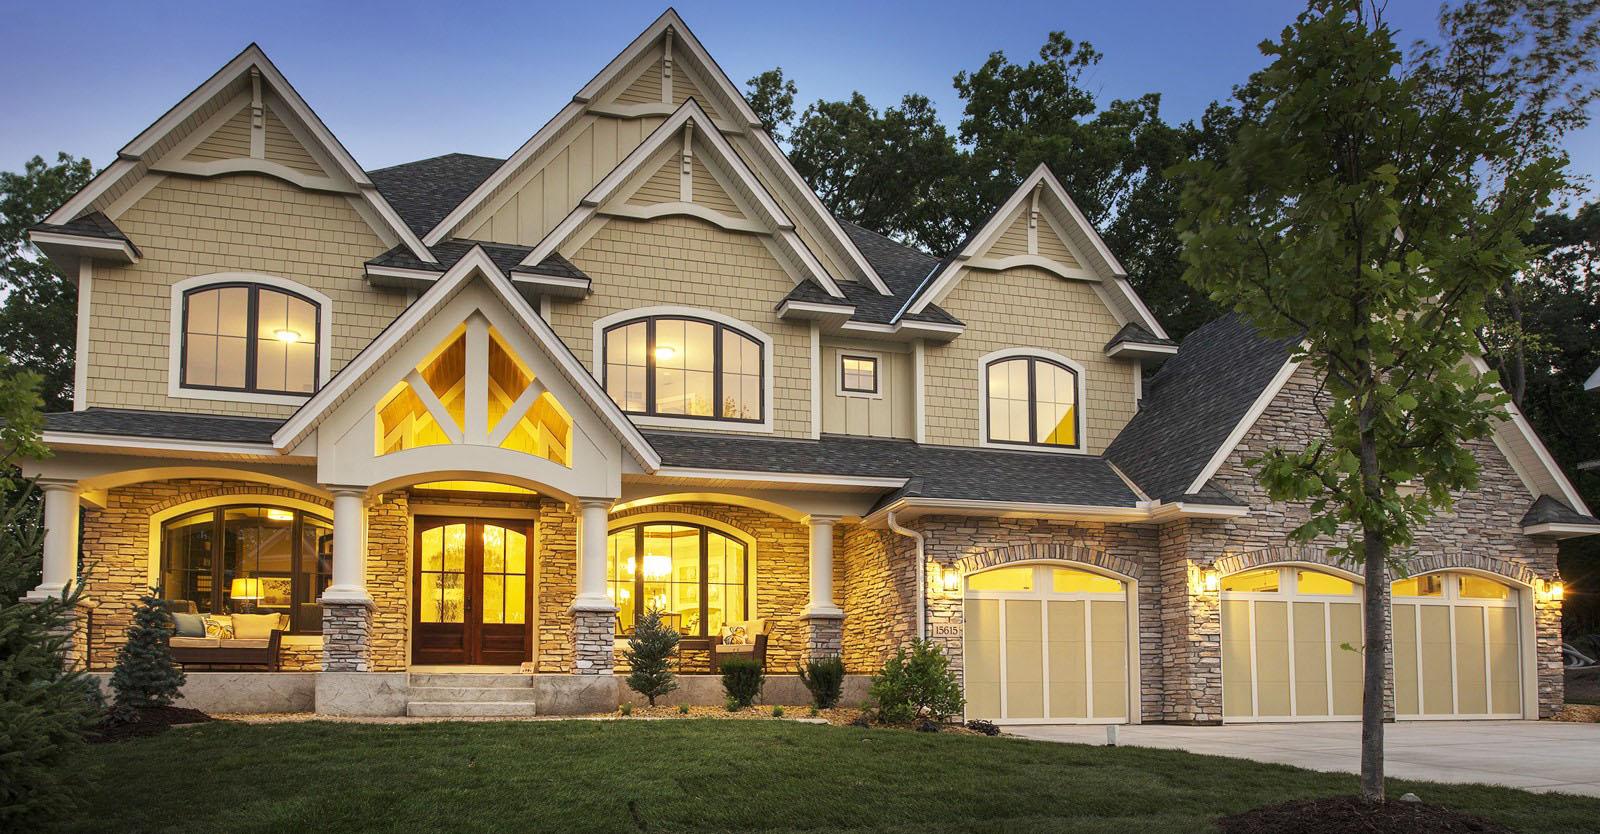 Gorgeous Gabled Dream Home Plan - 73326HS